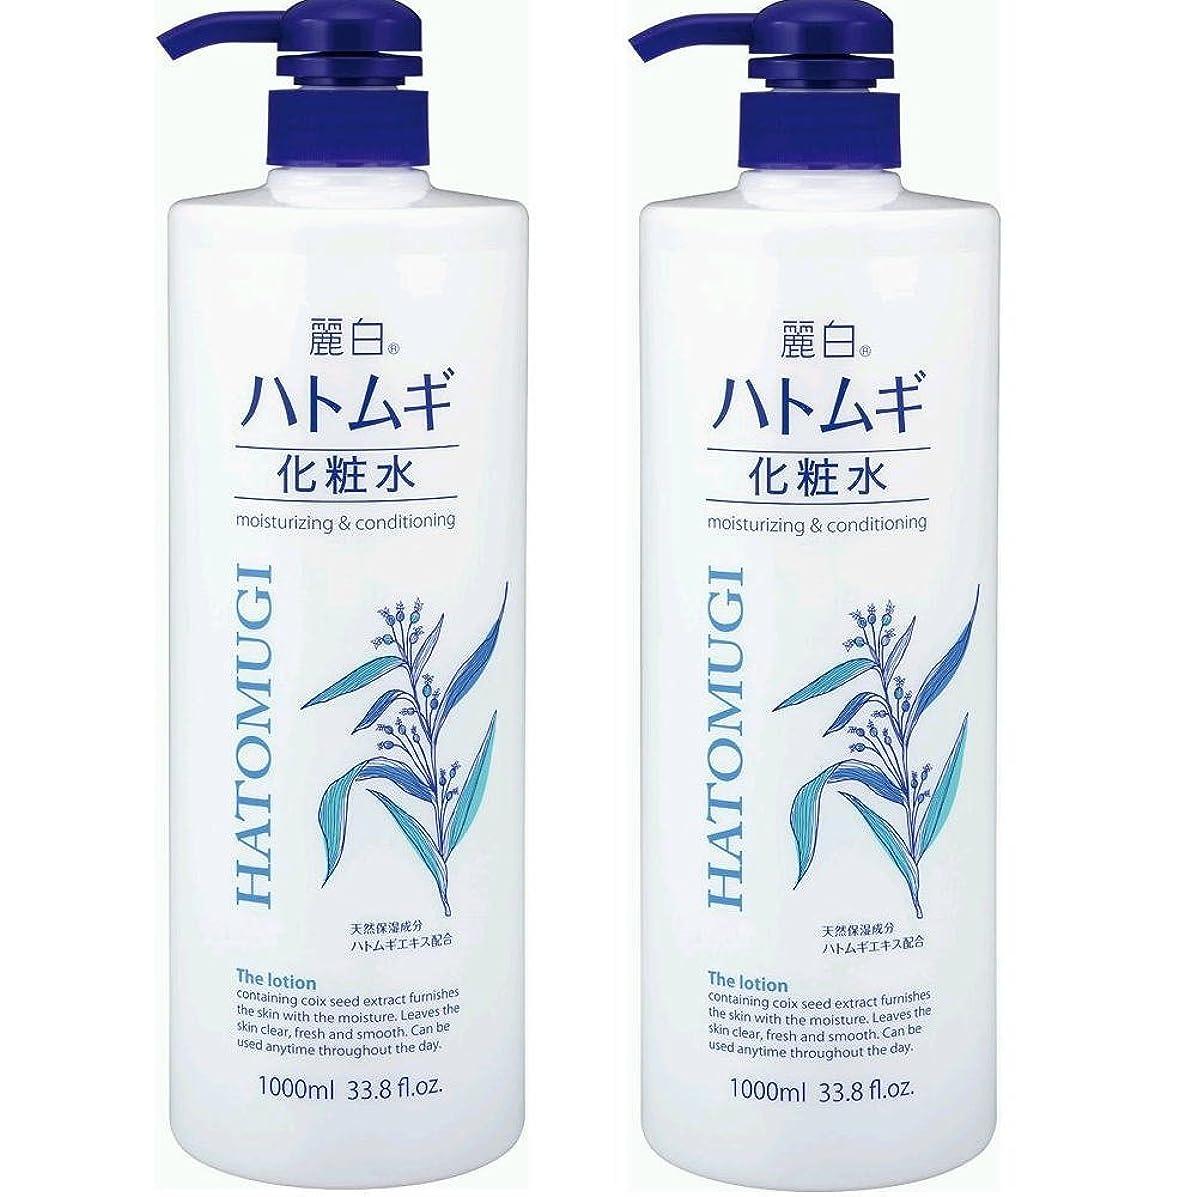 アマゾンジャングル険しいアソシエイト麗白 ハトムギ化粧水 本体 大容量サイズ 1000ml 2本セット